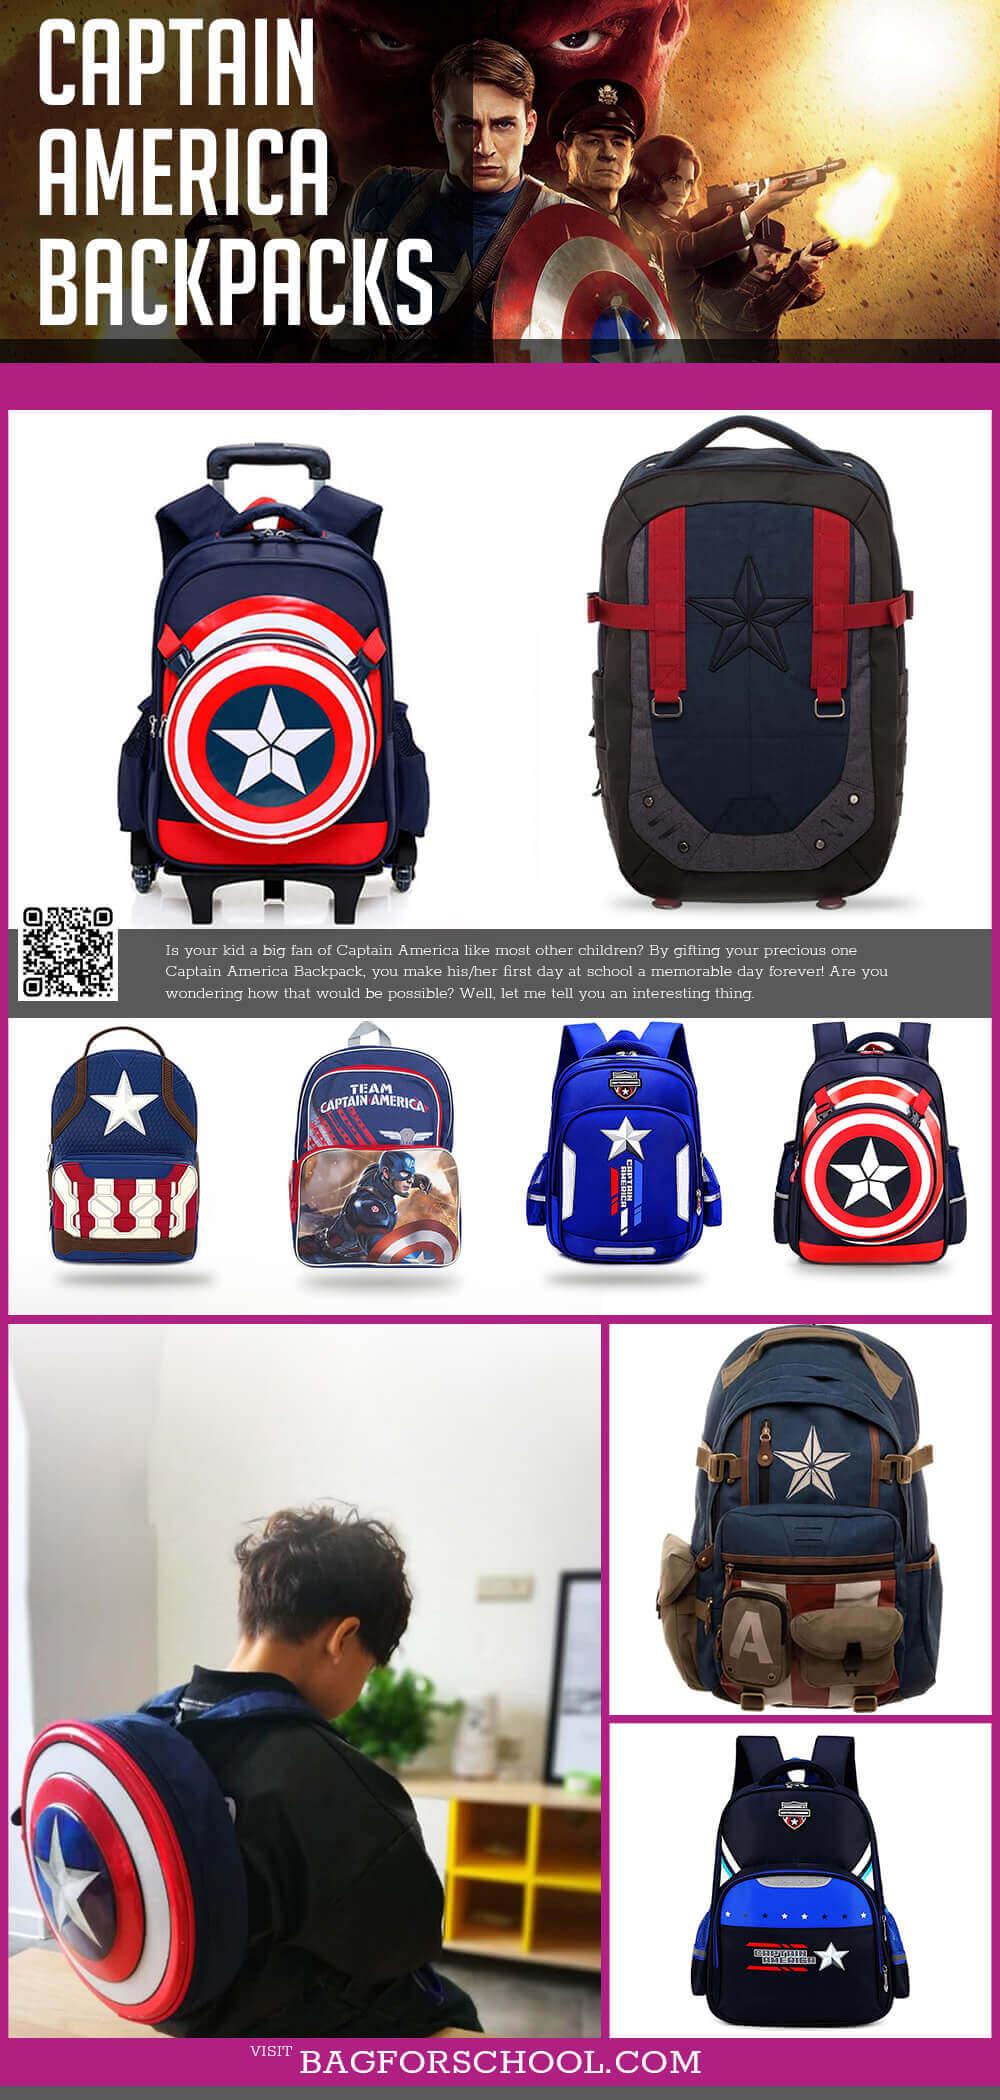 Captain America Backpacks